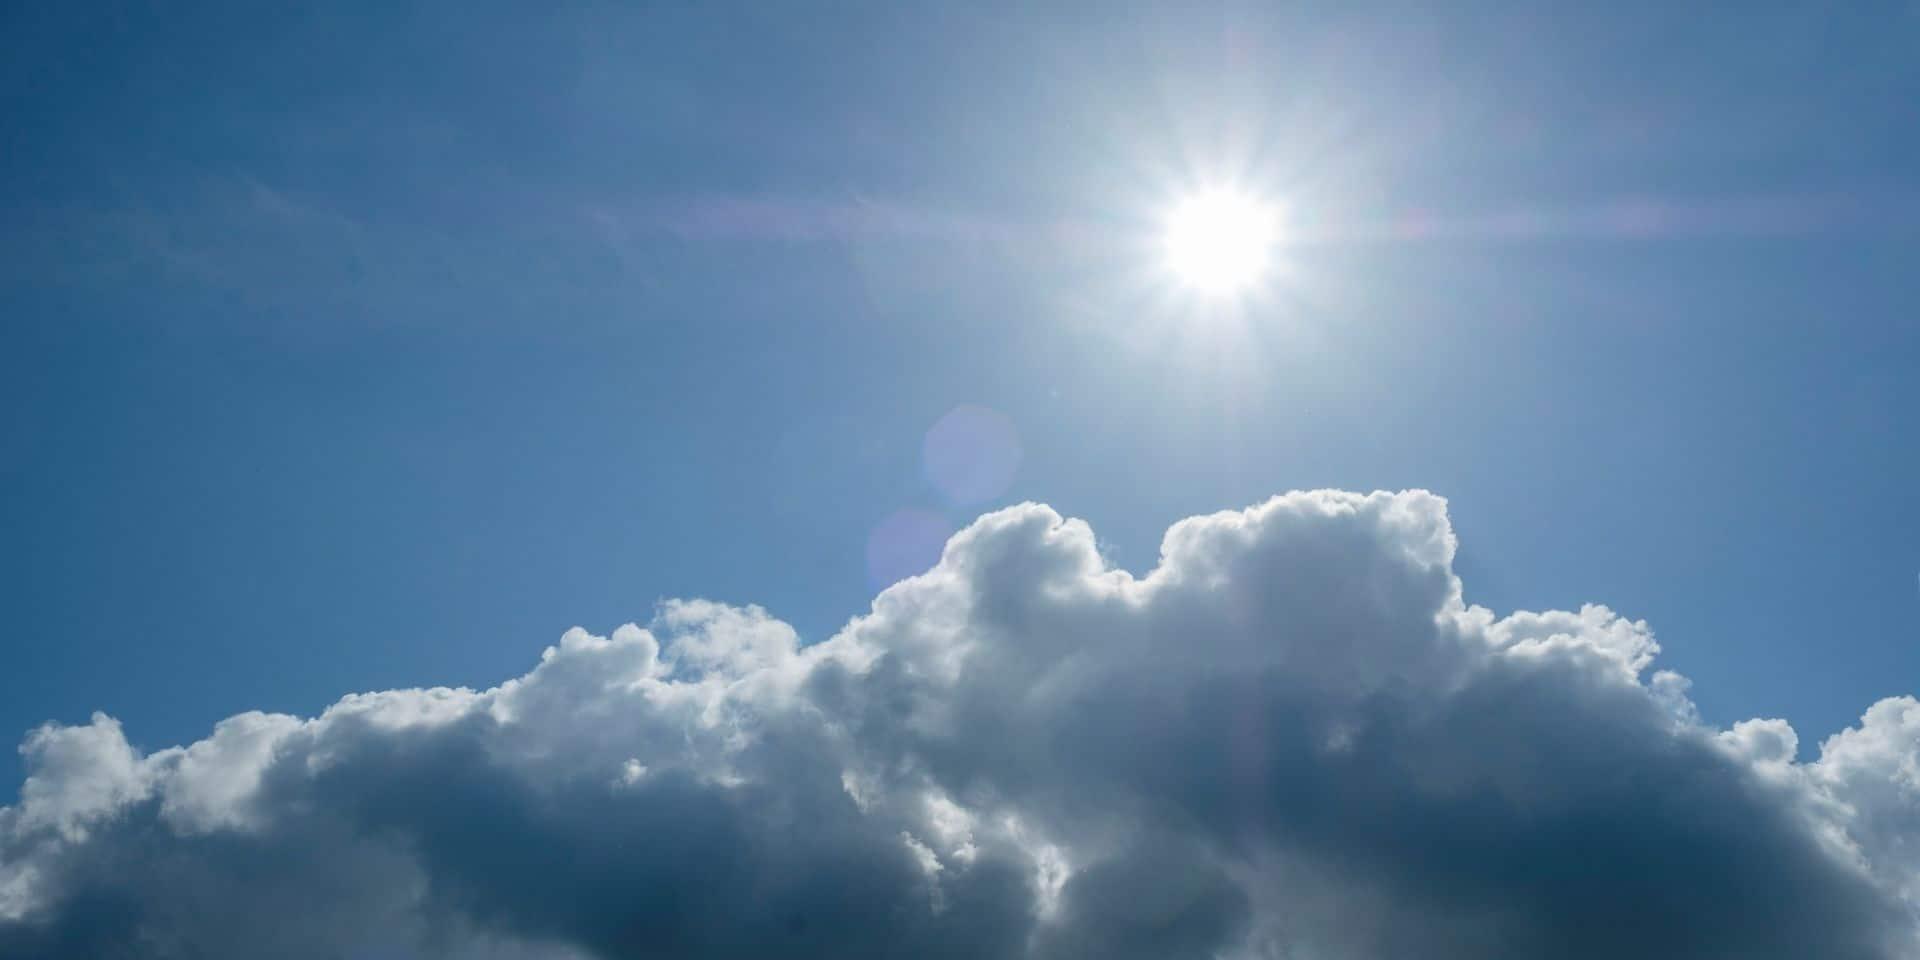 Météo: Ça ira mieux... lundi, les températures repaseront la semaine prochaine au-dessus des 20 degrés